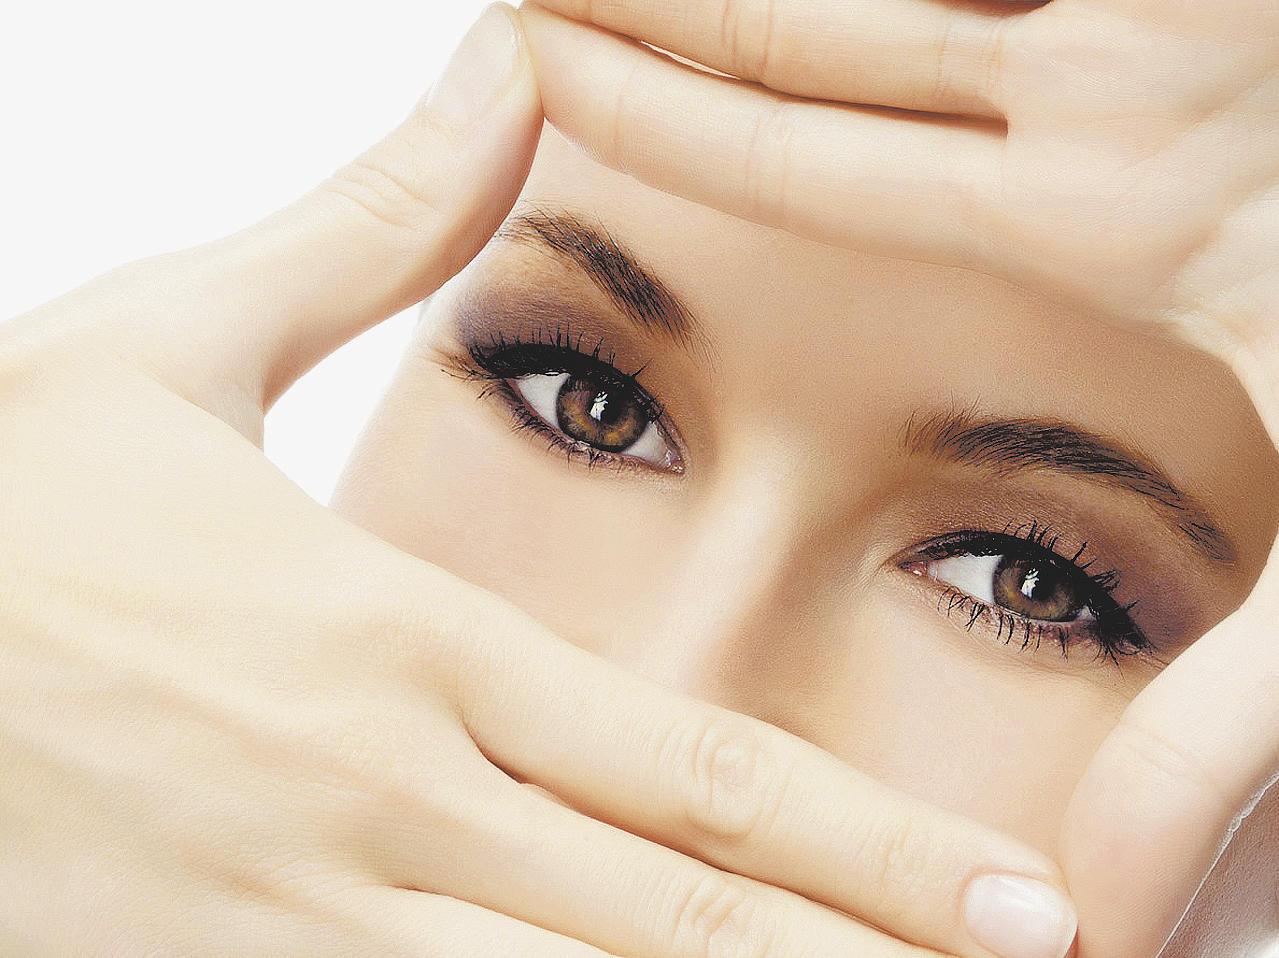 Como Manter Seus Olhos Saudáveis